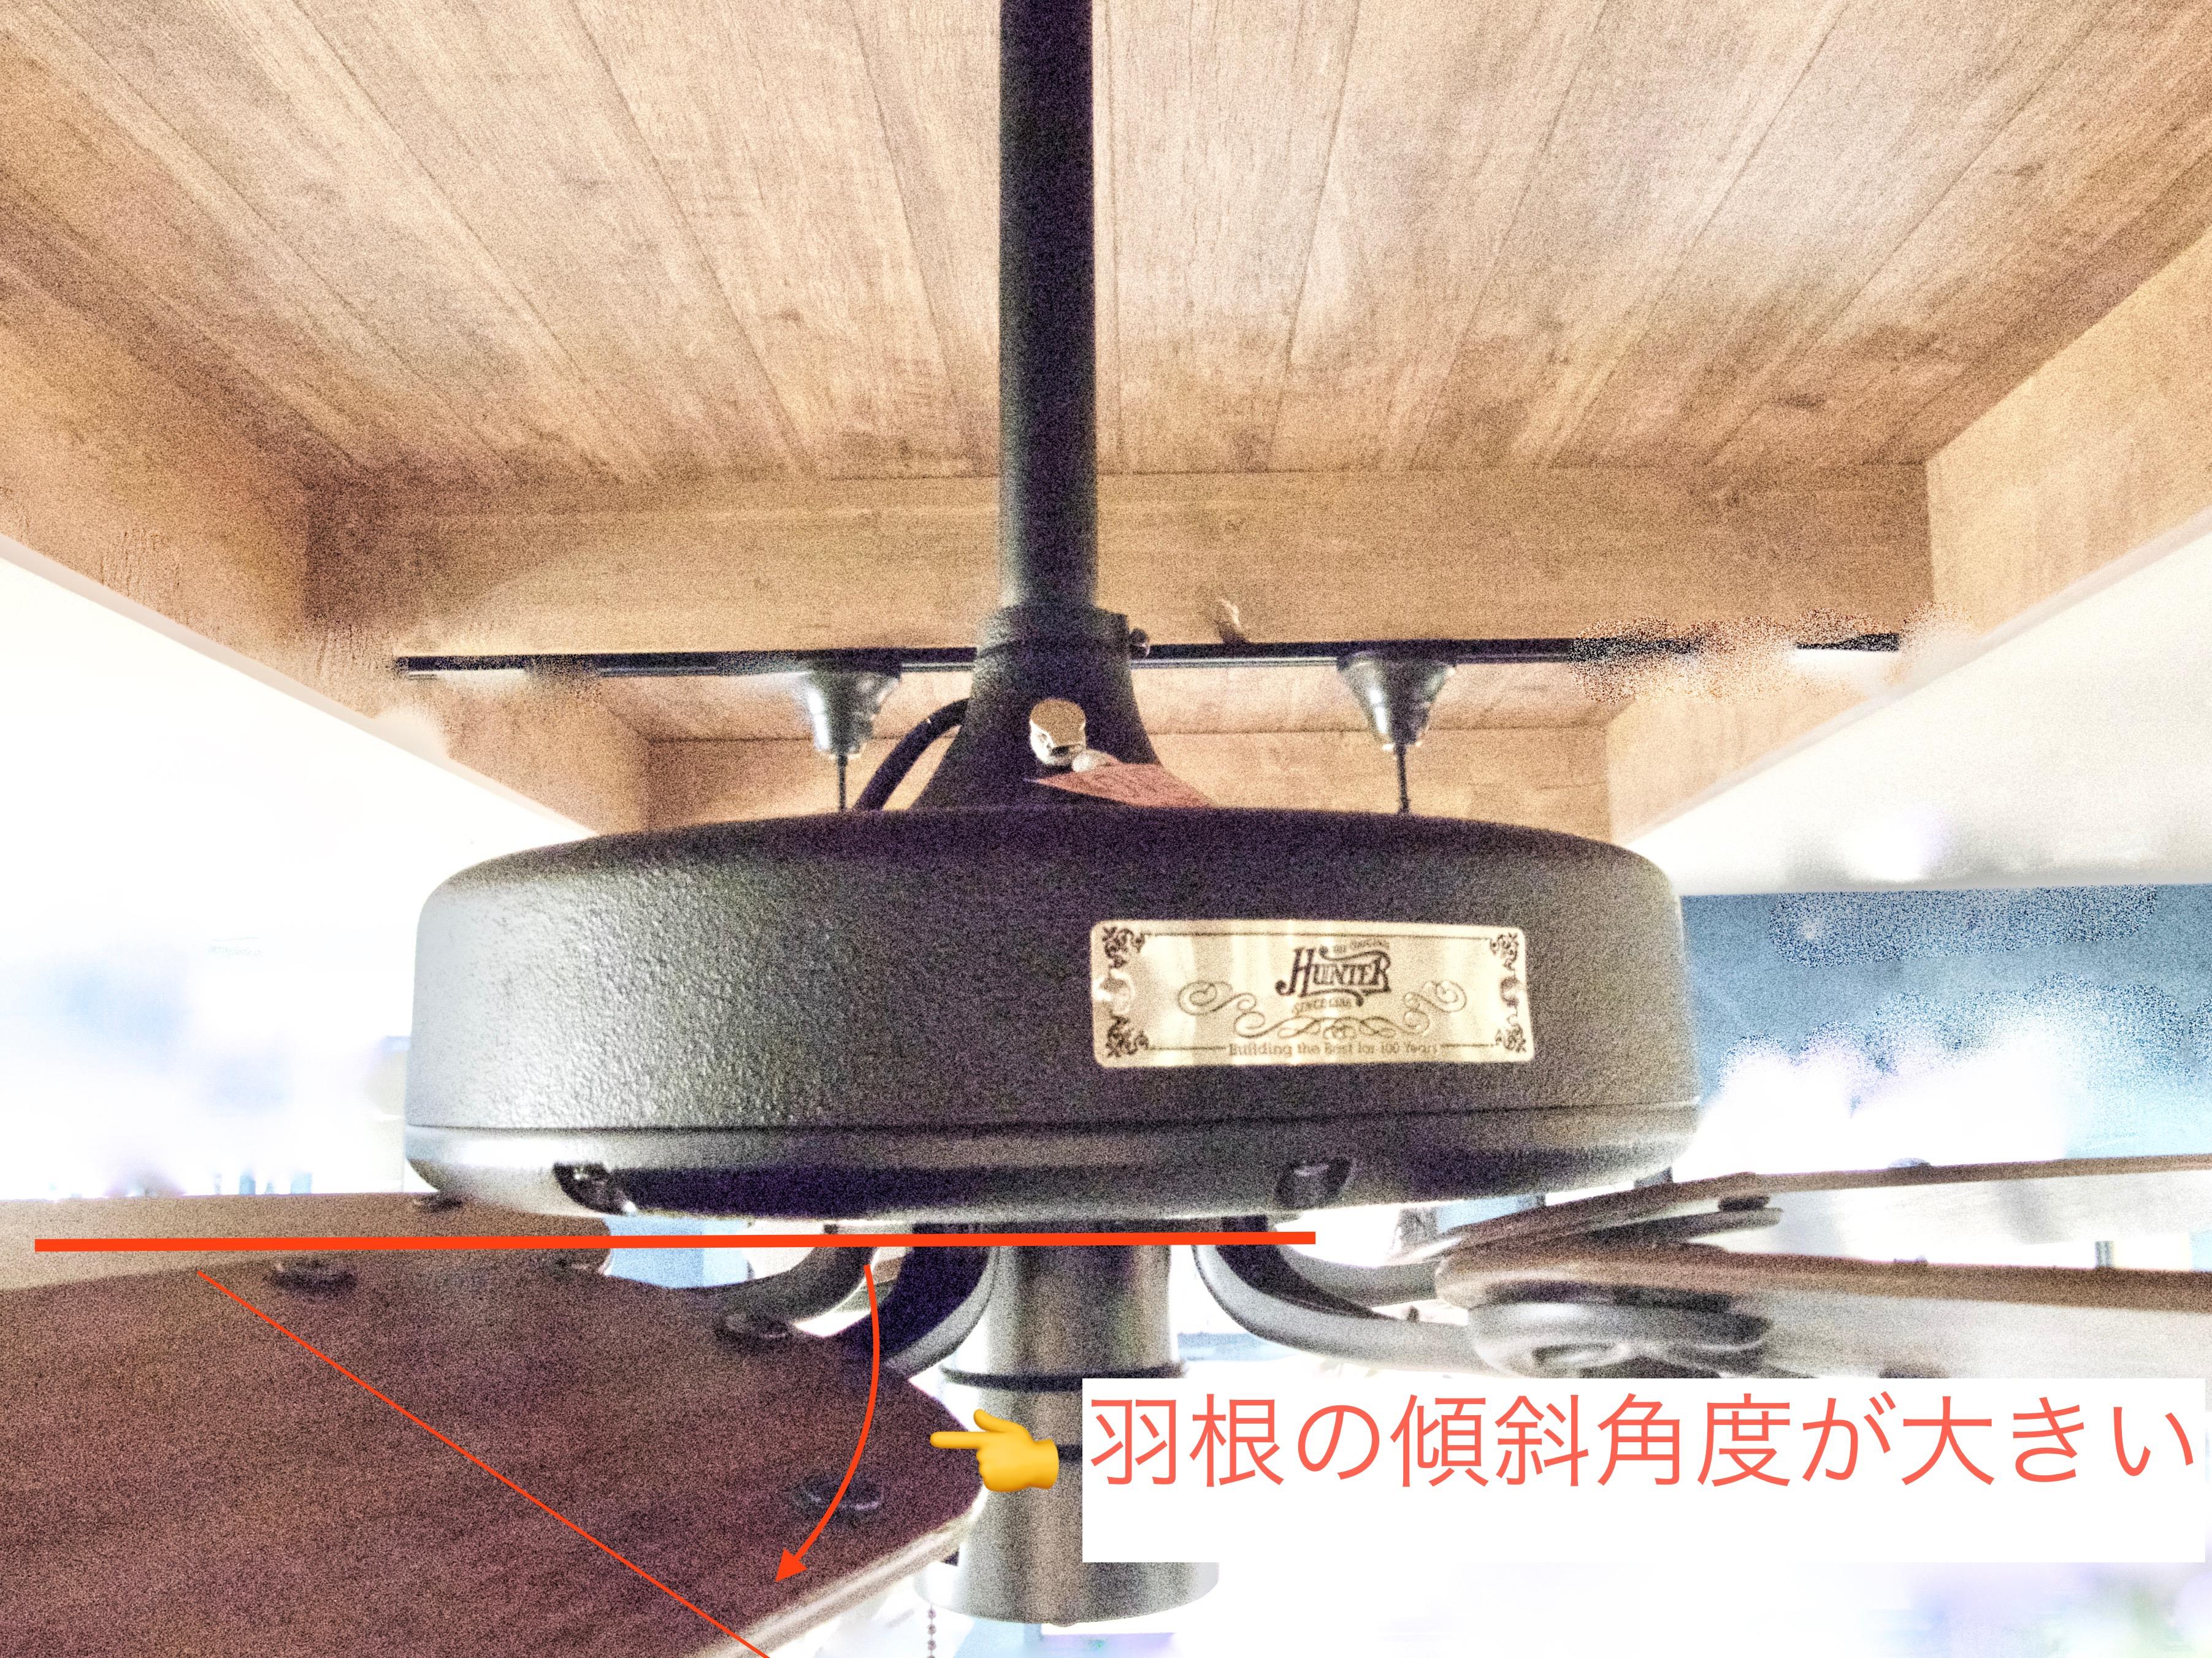 ハンターシーリングファン 羽根傾斜角度 正規輸入品販売 ハンターストア